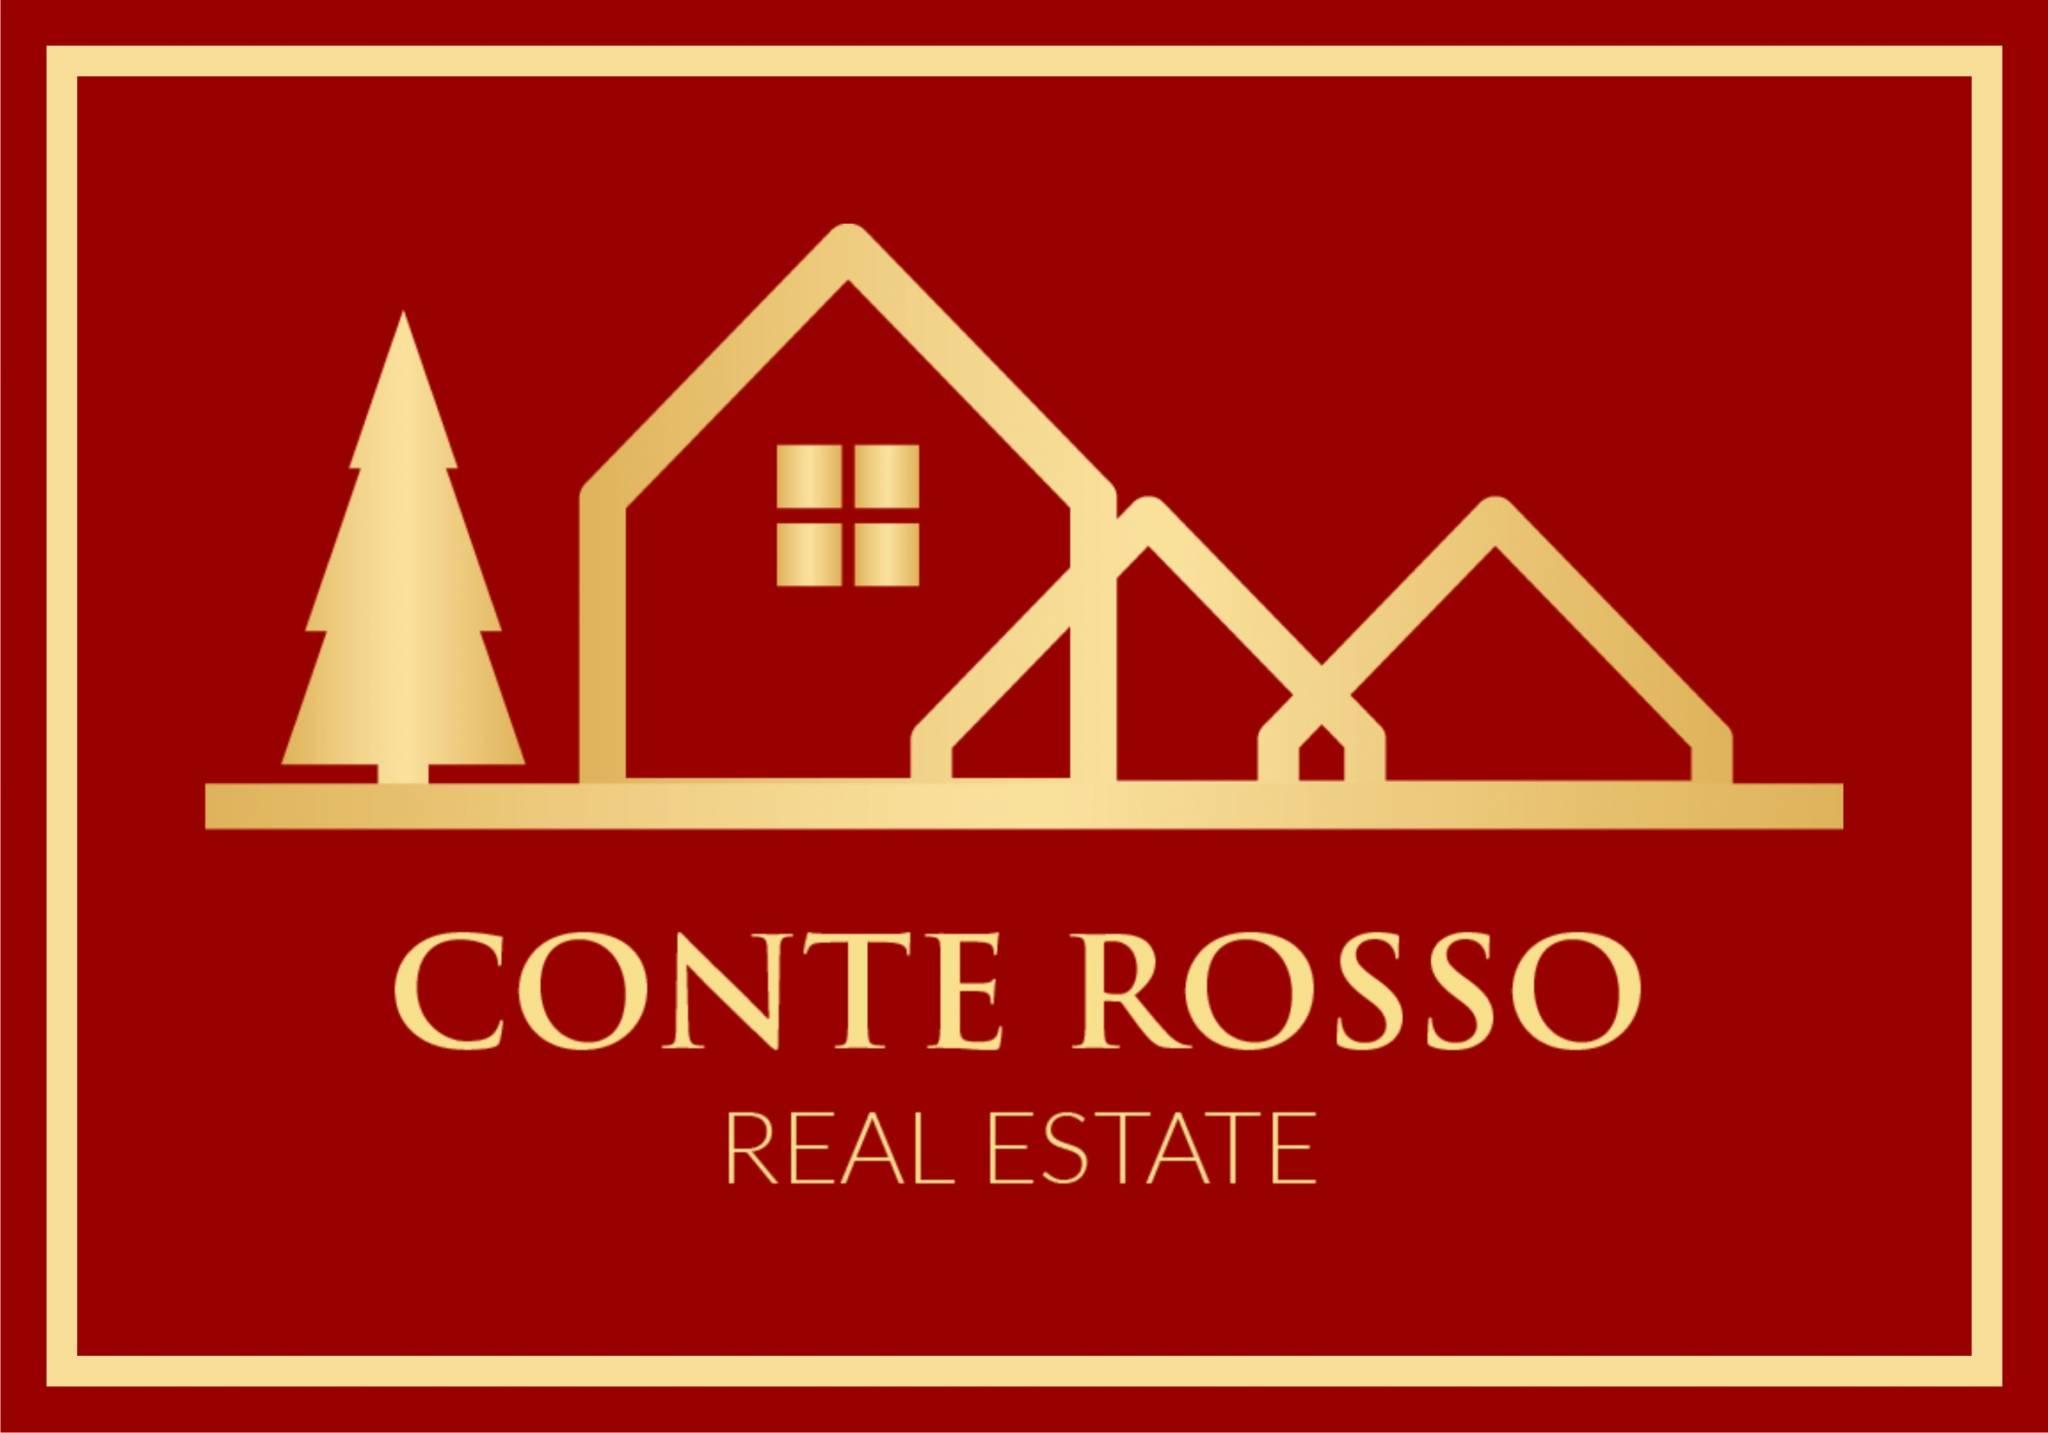 R.T. di Restagno&Trisorio 334/1216637  392/5602139